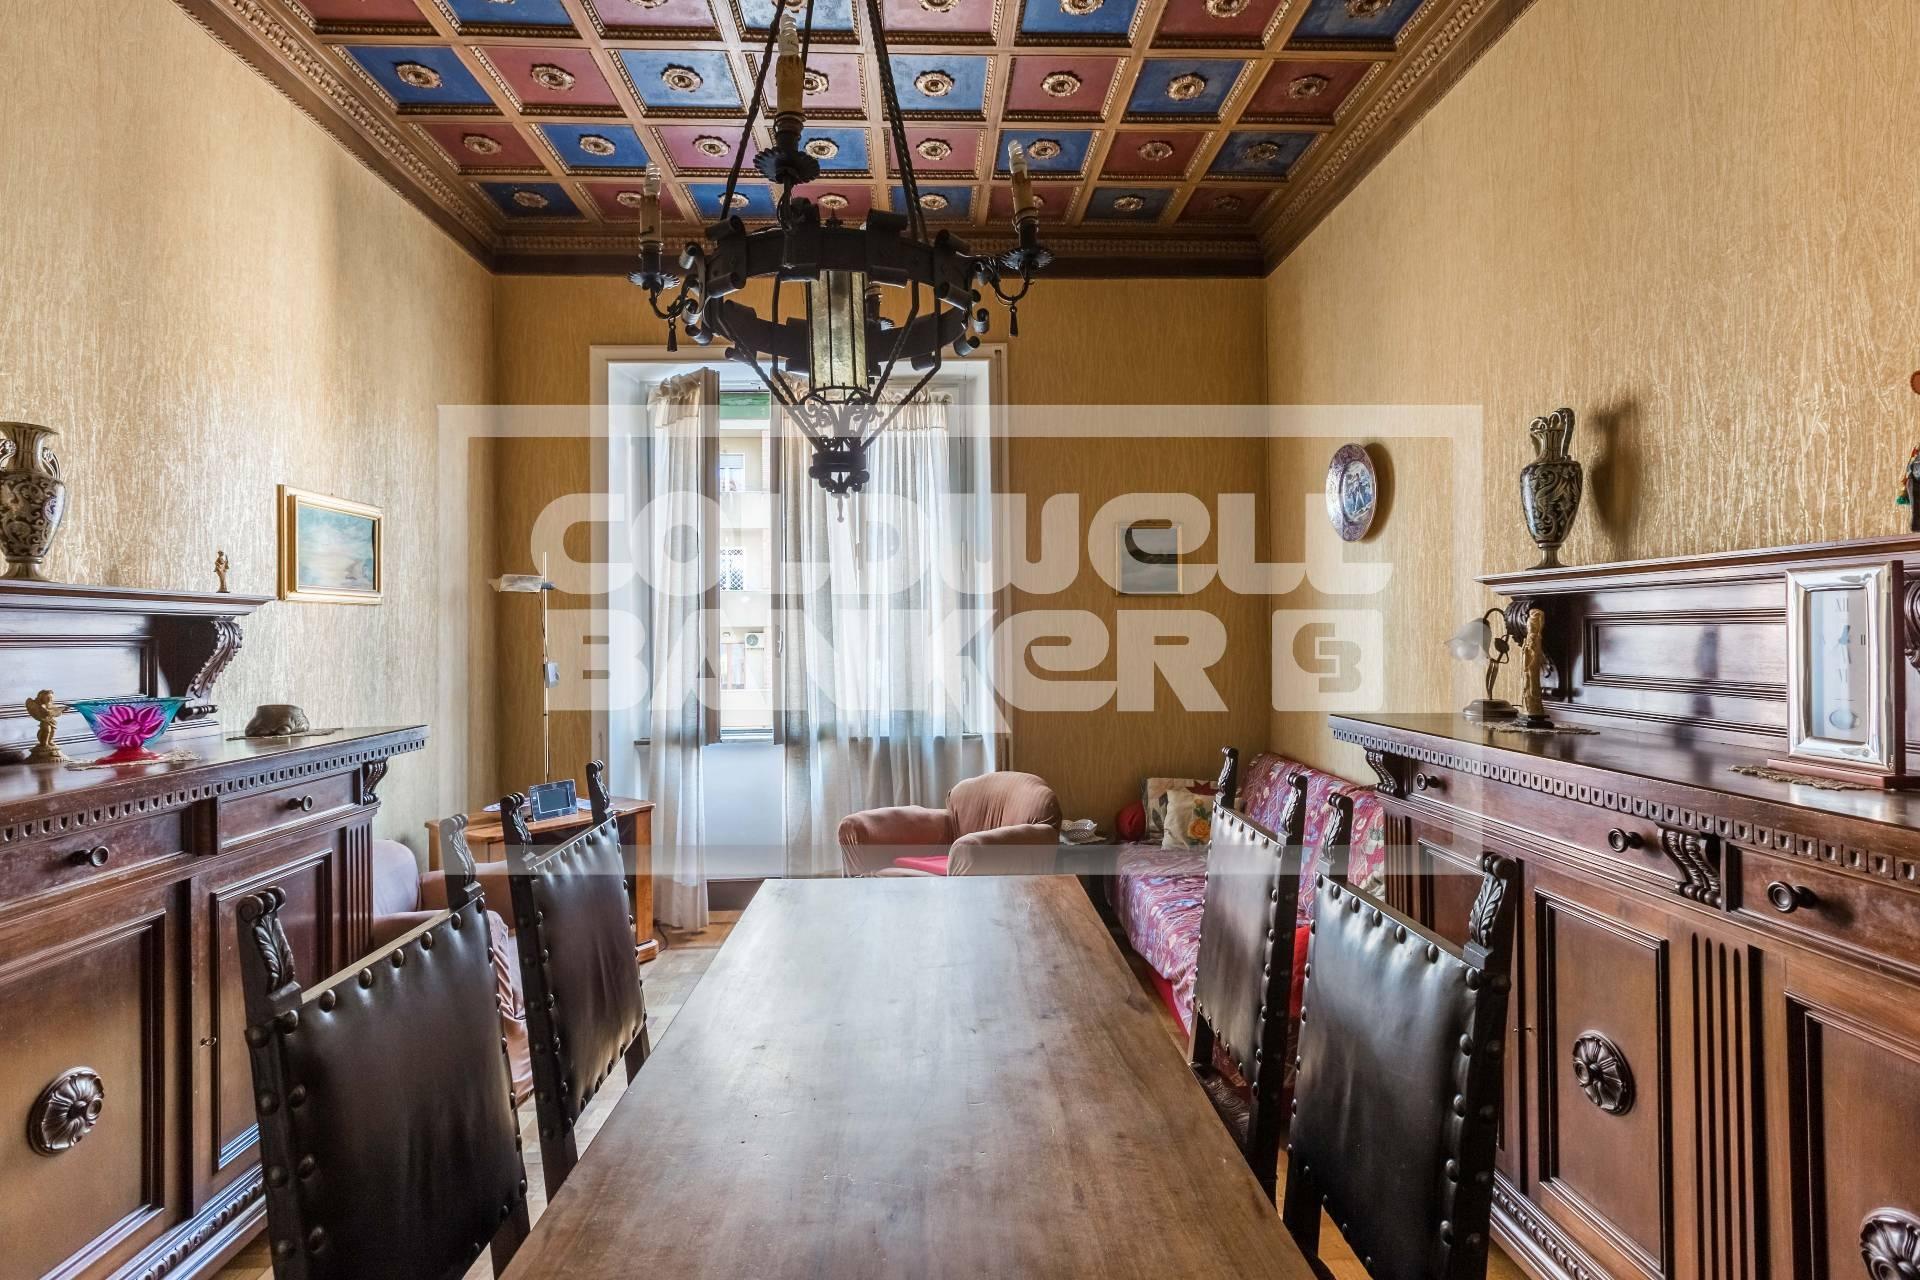 Cbi038 144 43520db appartamento in affitto a roma for Affitto ufficio prati roma